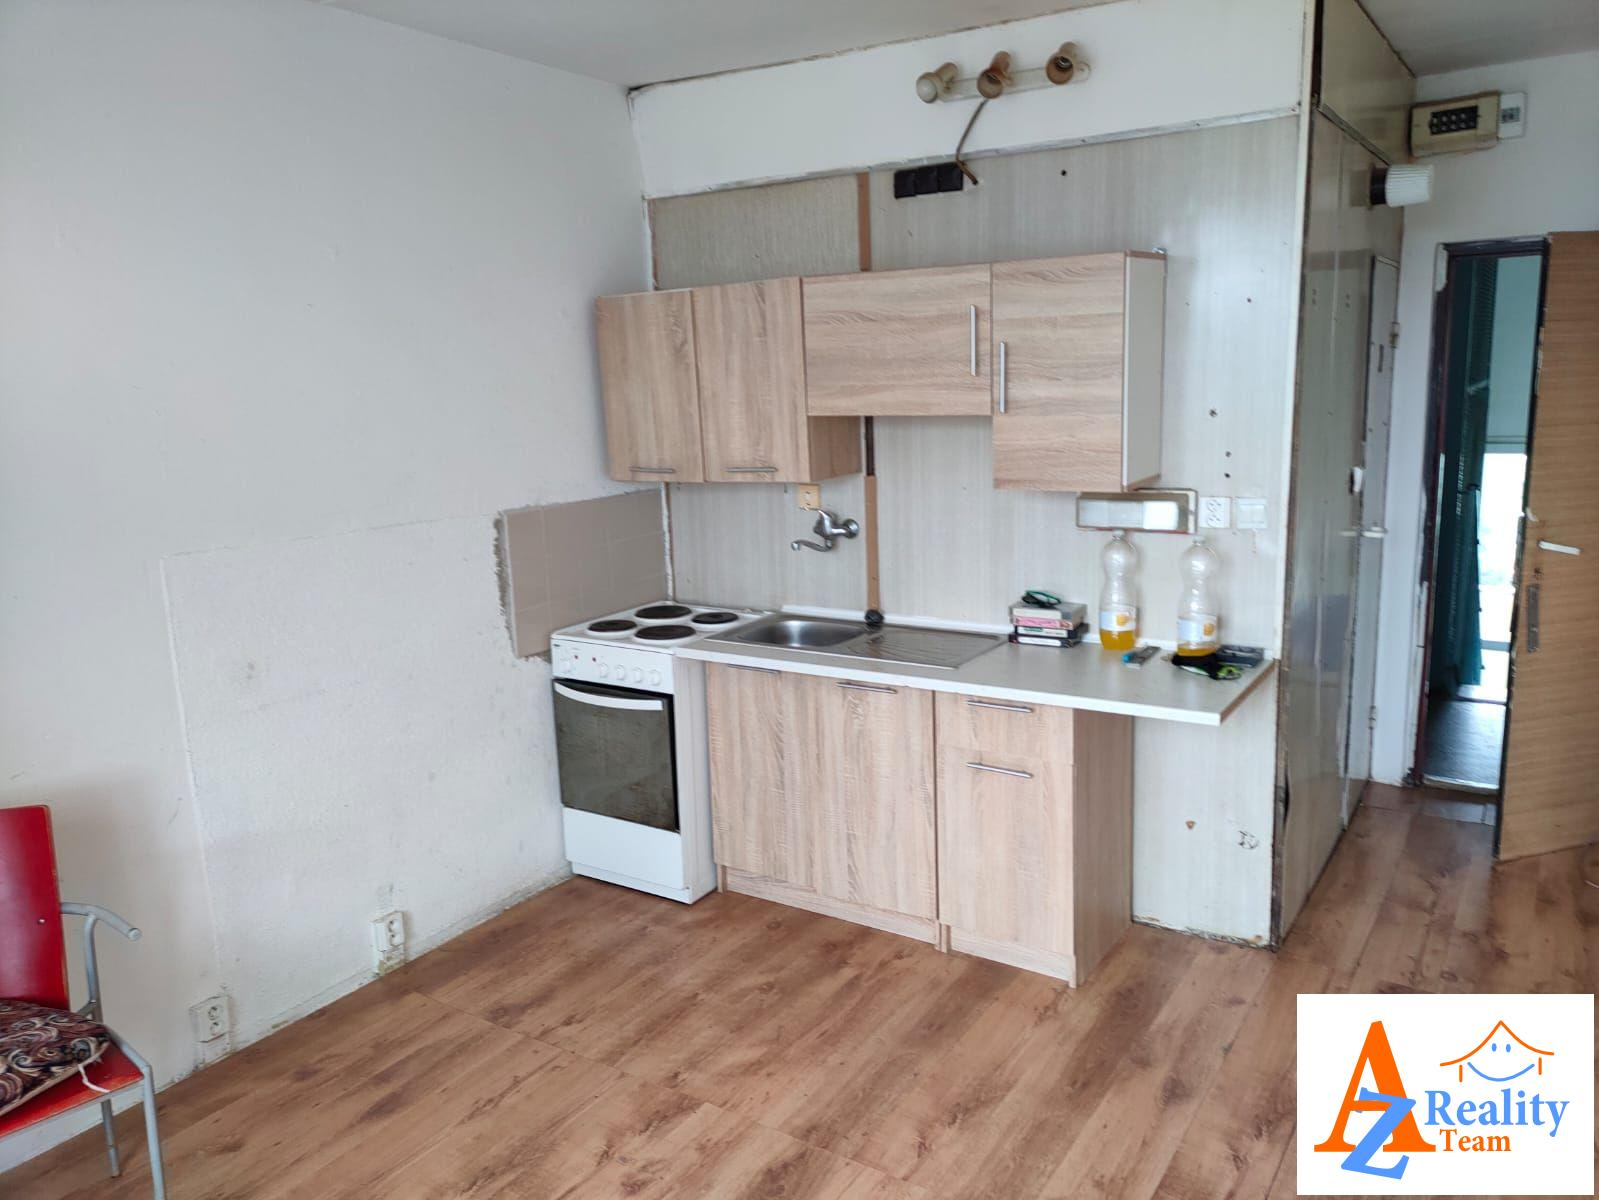 Nabízíme prodej bytové jednotky 1+1  ul. Kamenná, Chomutov.